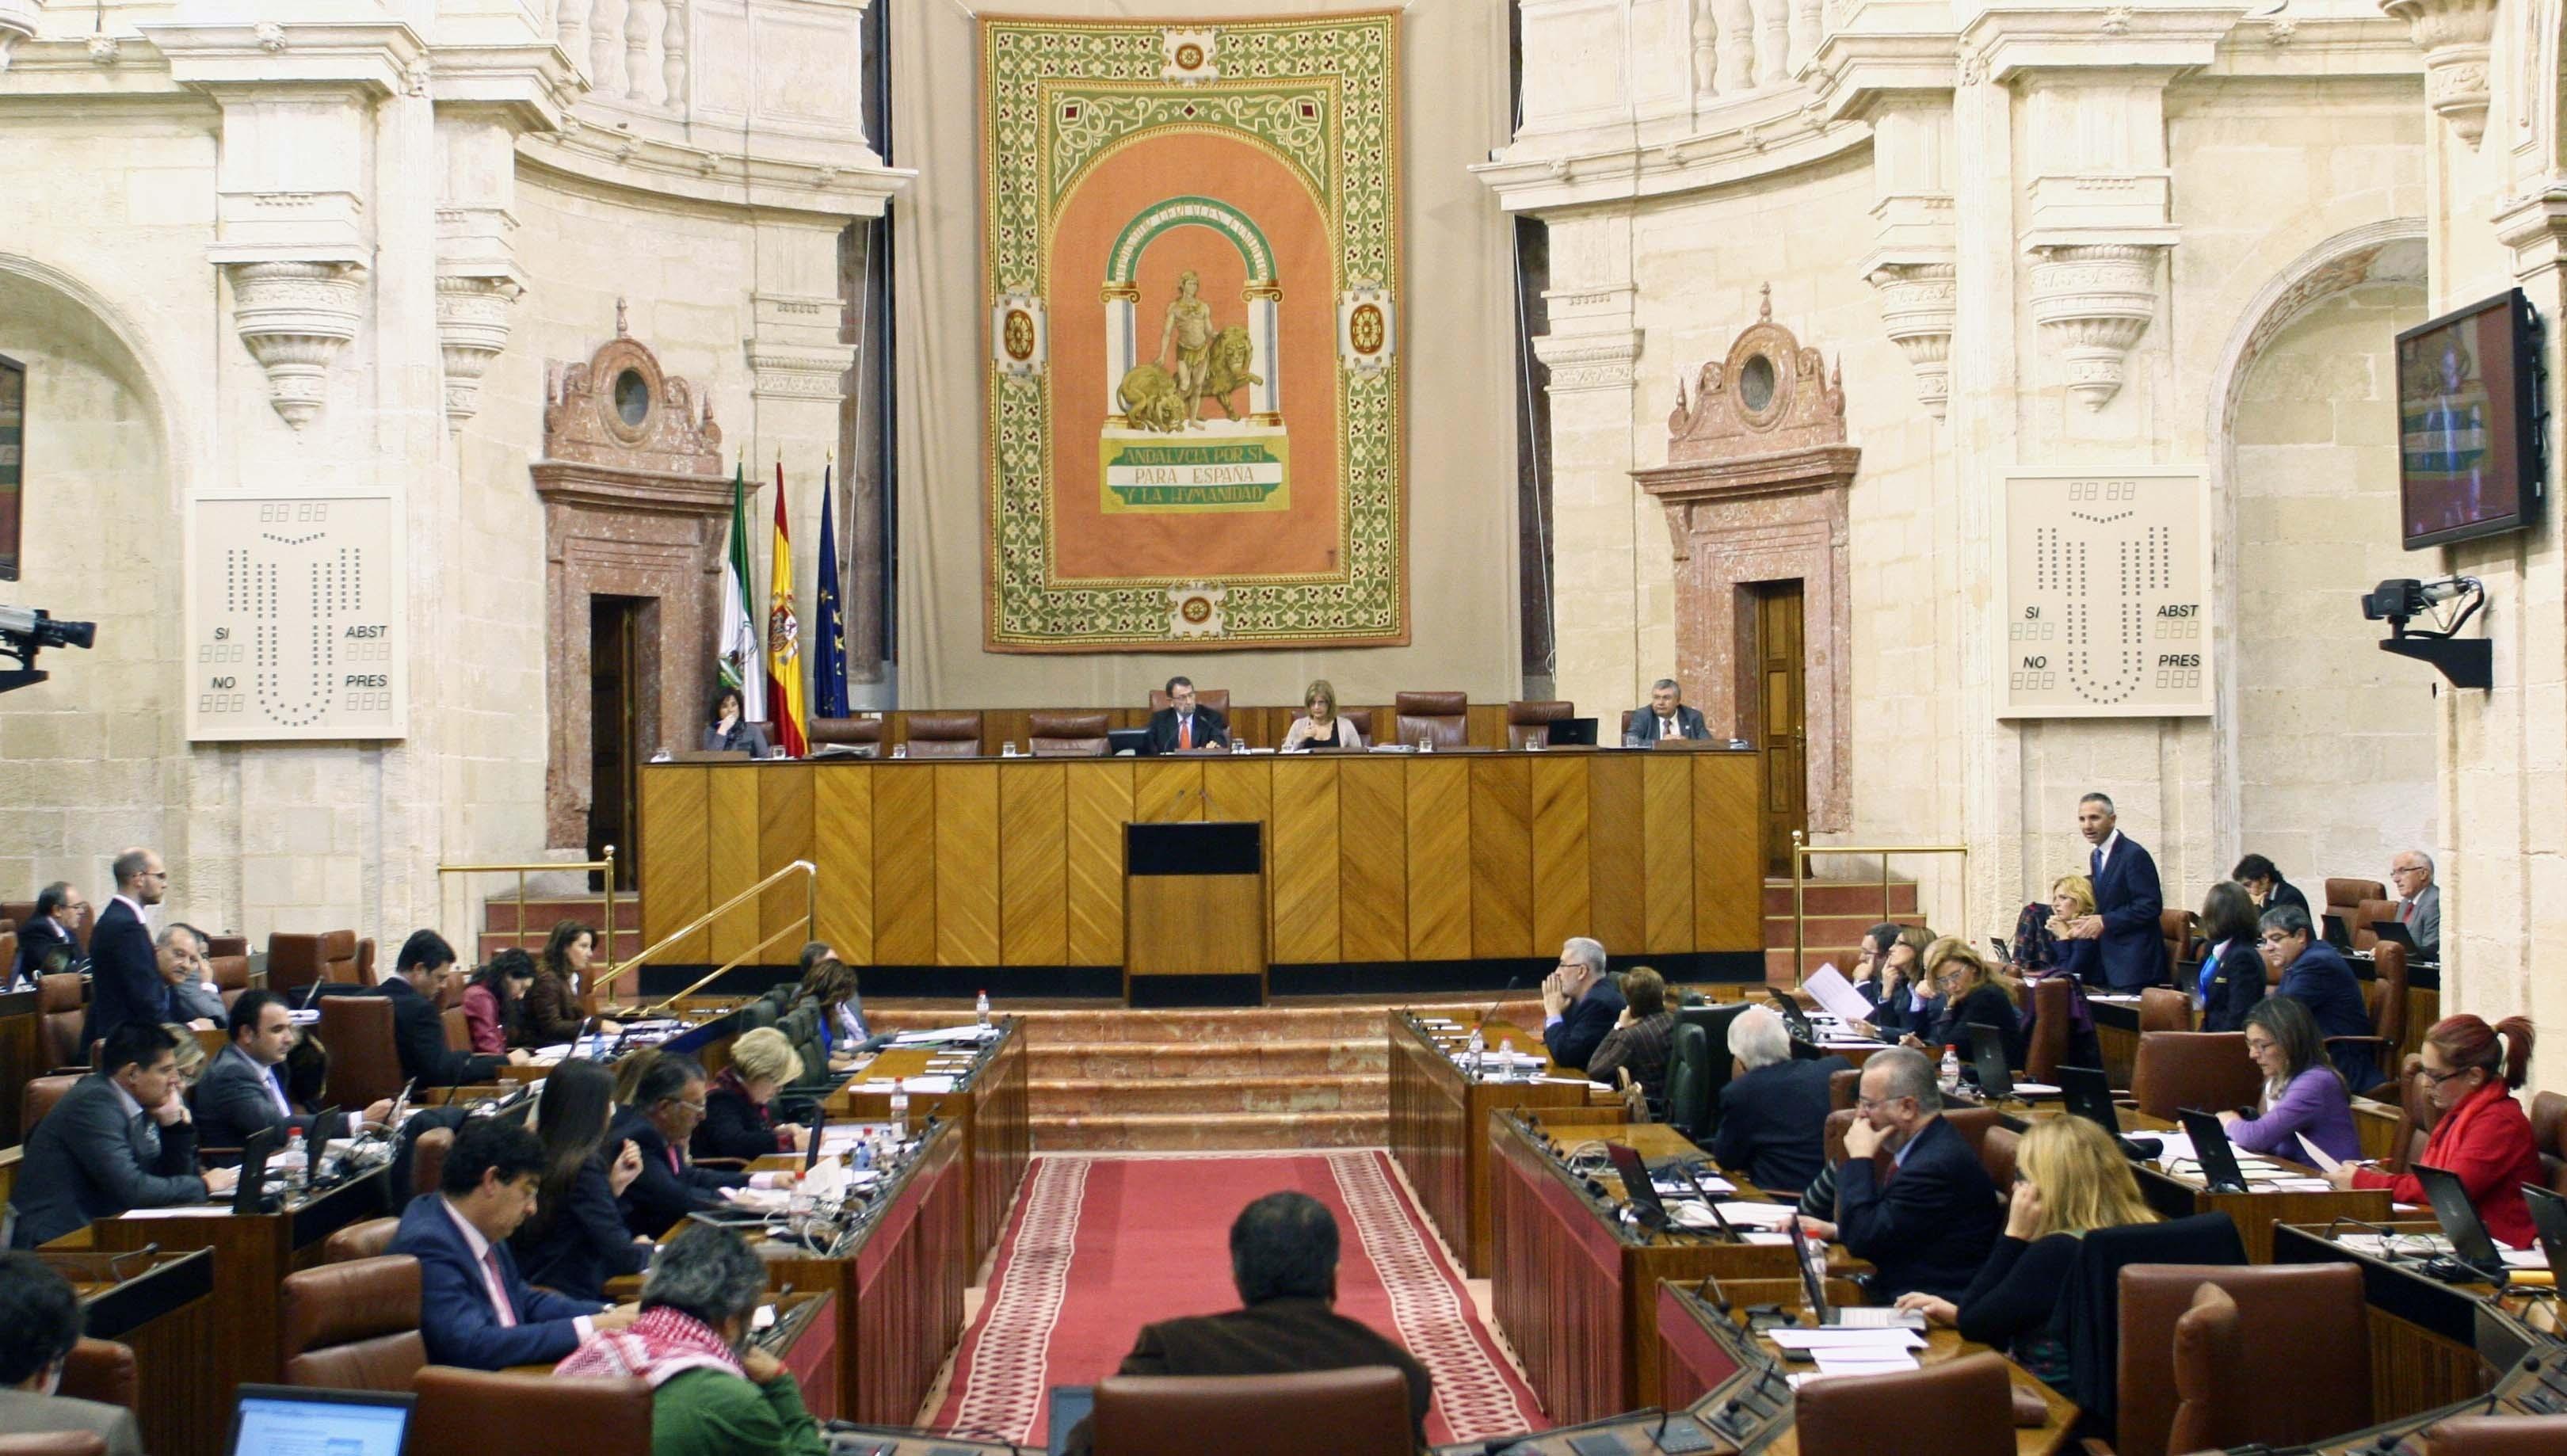 El Parlamento andaluz aprueba el presupuesto de la comunidad para 2014, que es rechazado por PP-A